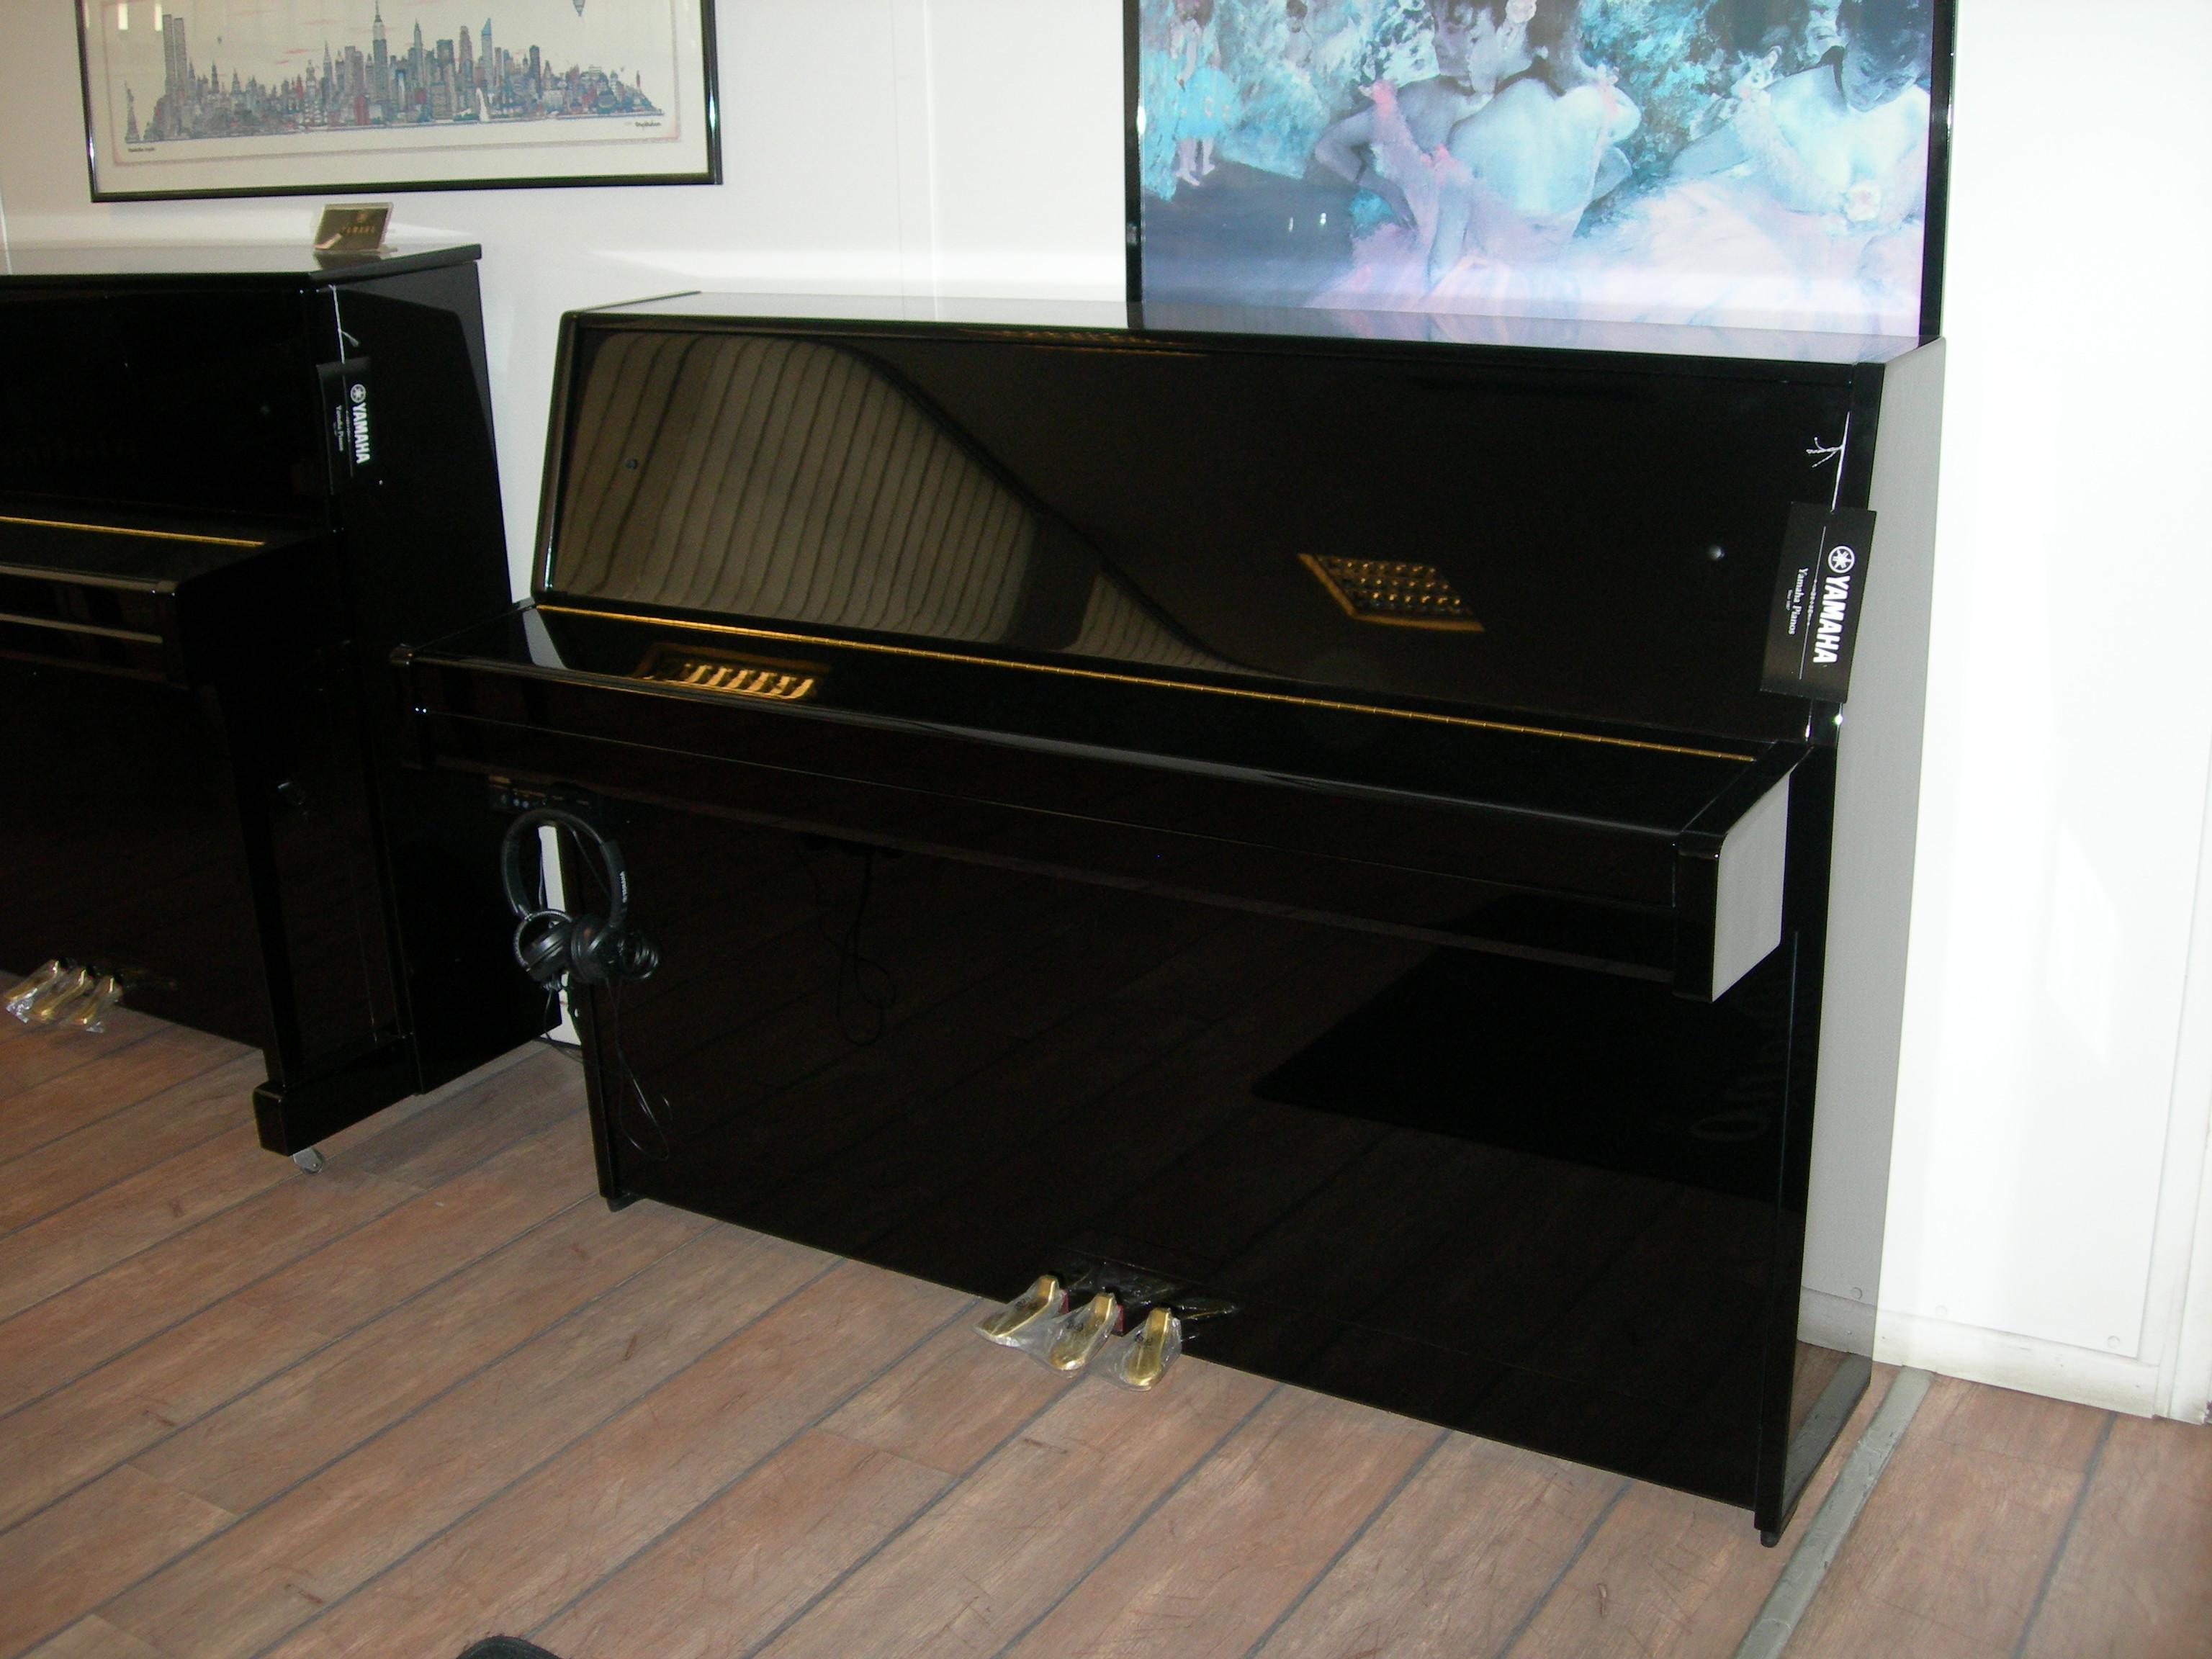 Pianoforti : Pianoforte verticale Yamaha B1 SG2